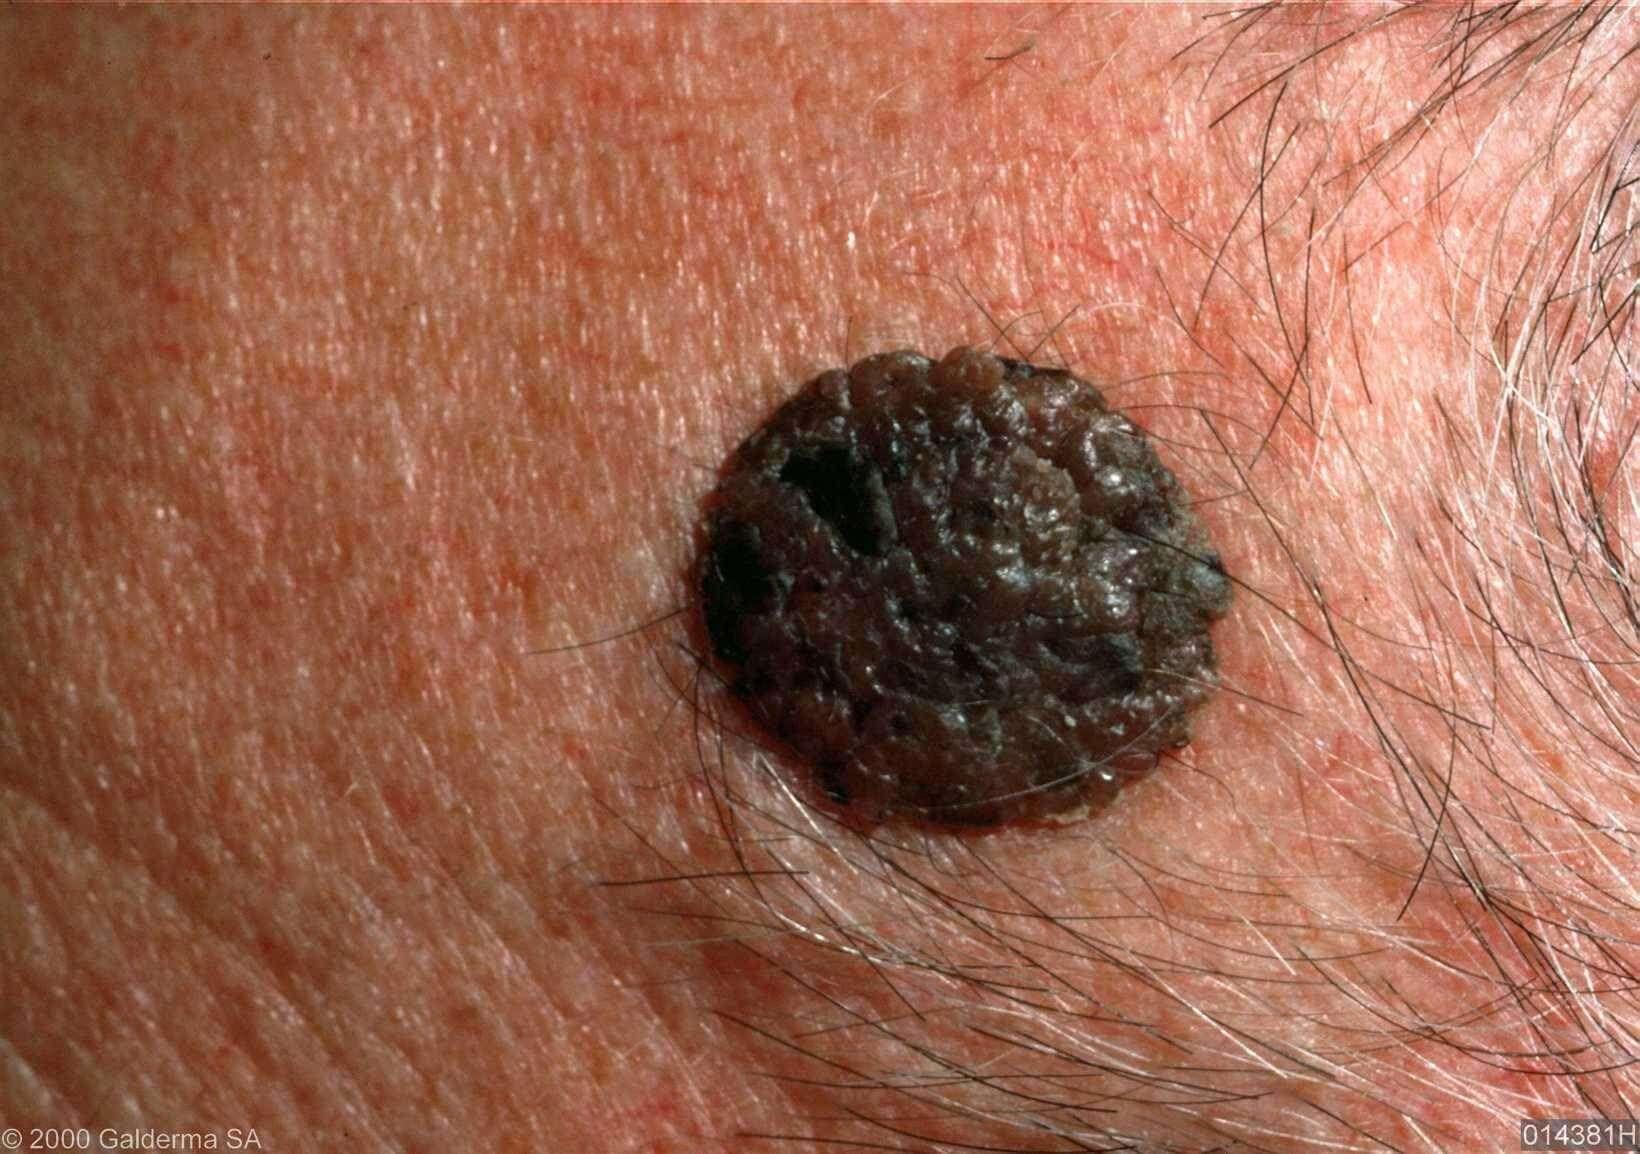 Huidconsult - Dermatosis Papulosa Nigra